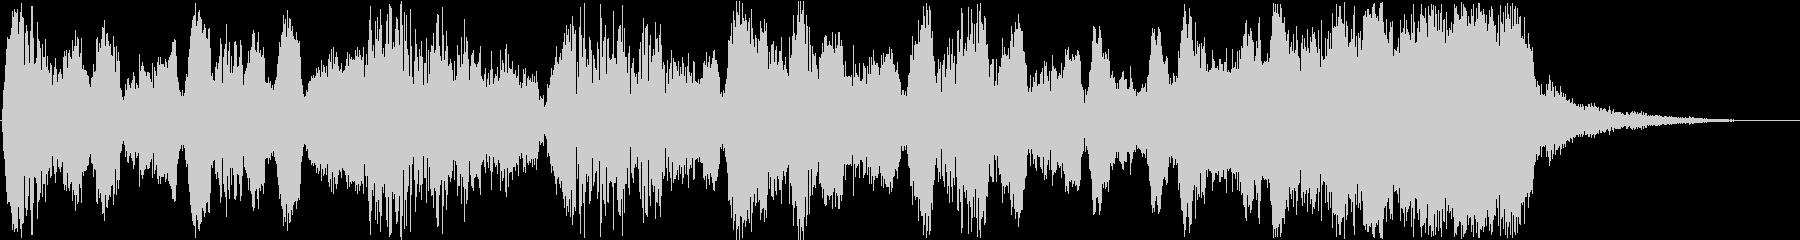 Flute-based jingle's unreproduced waveform